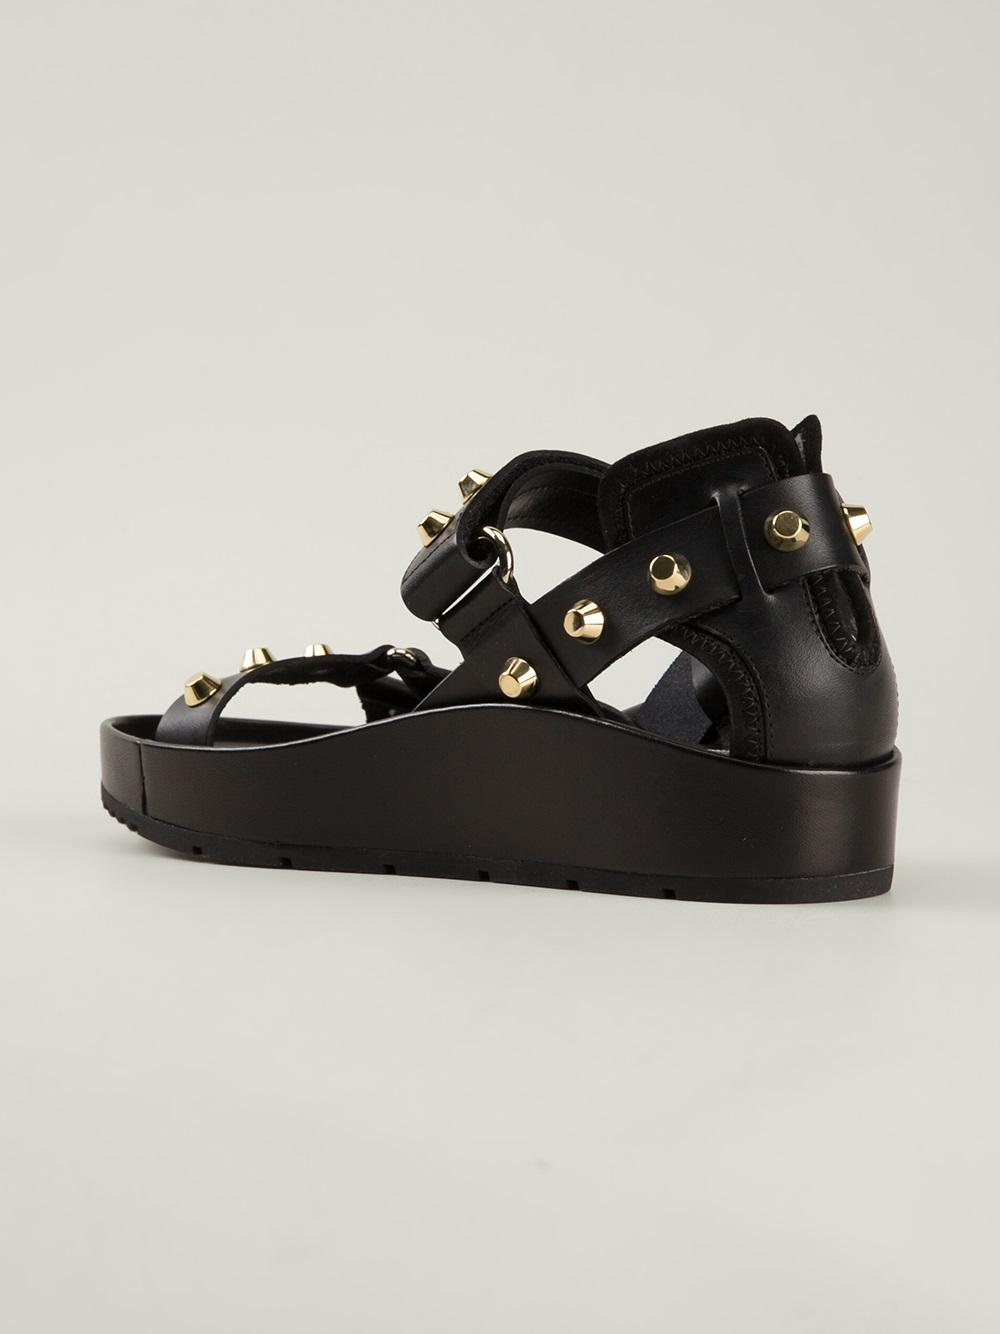 Balenciaga Studded Sandal in Black - Lyst